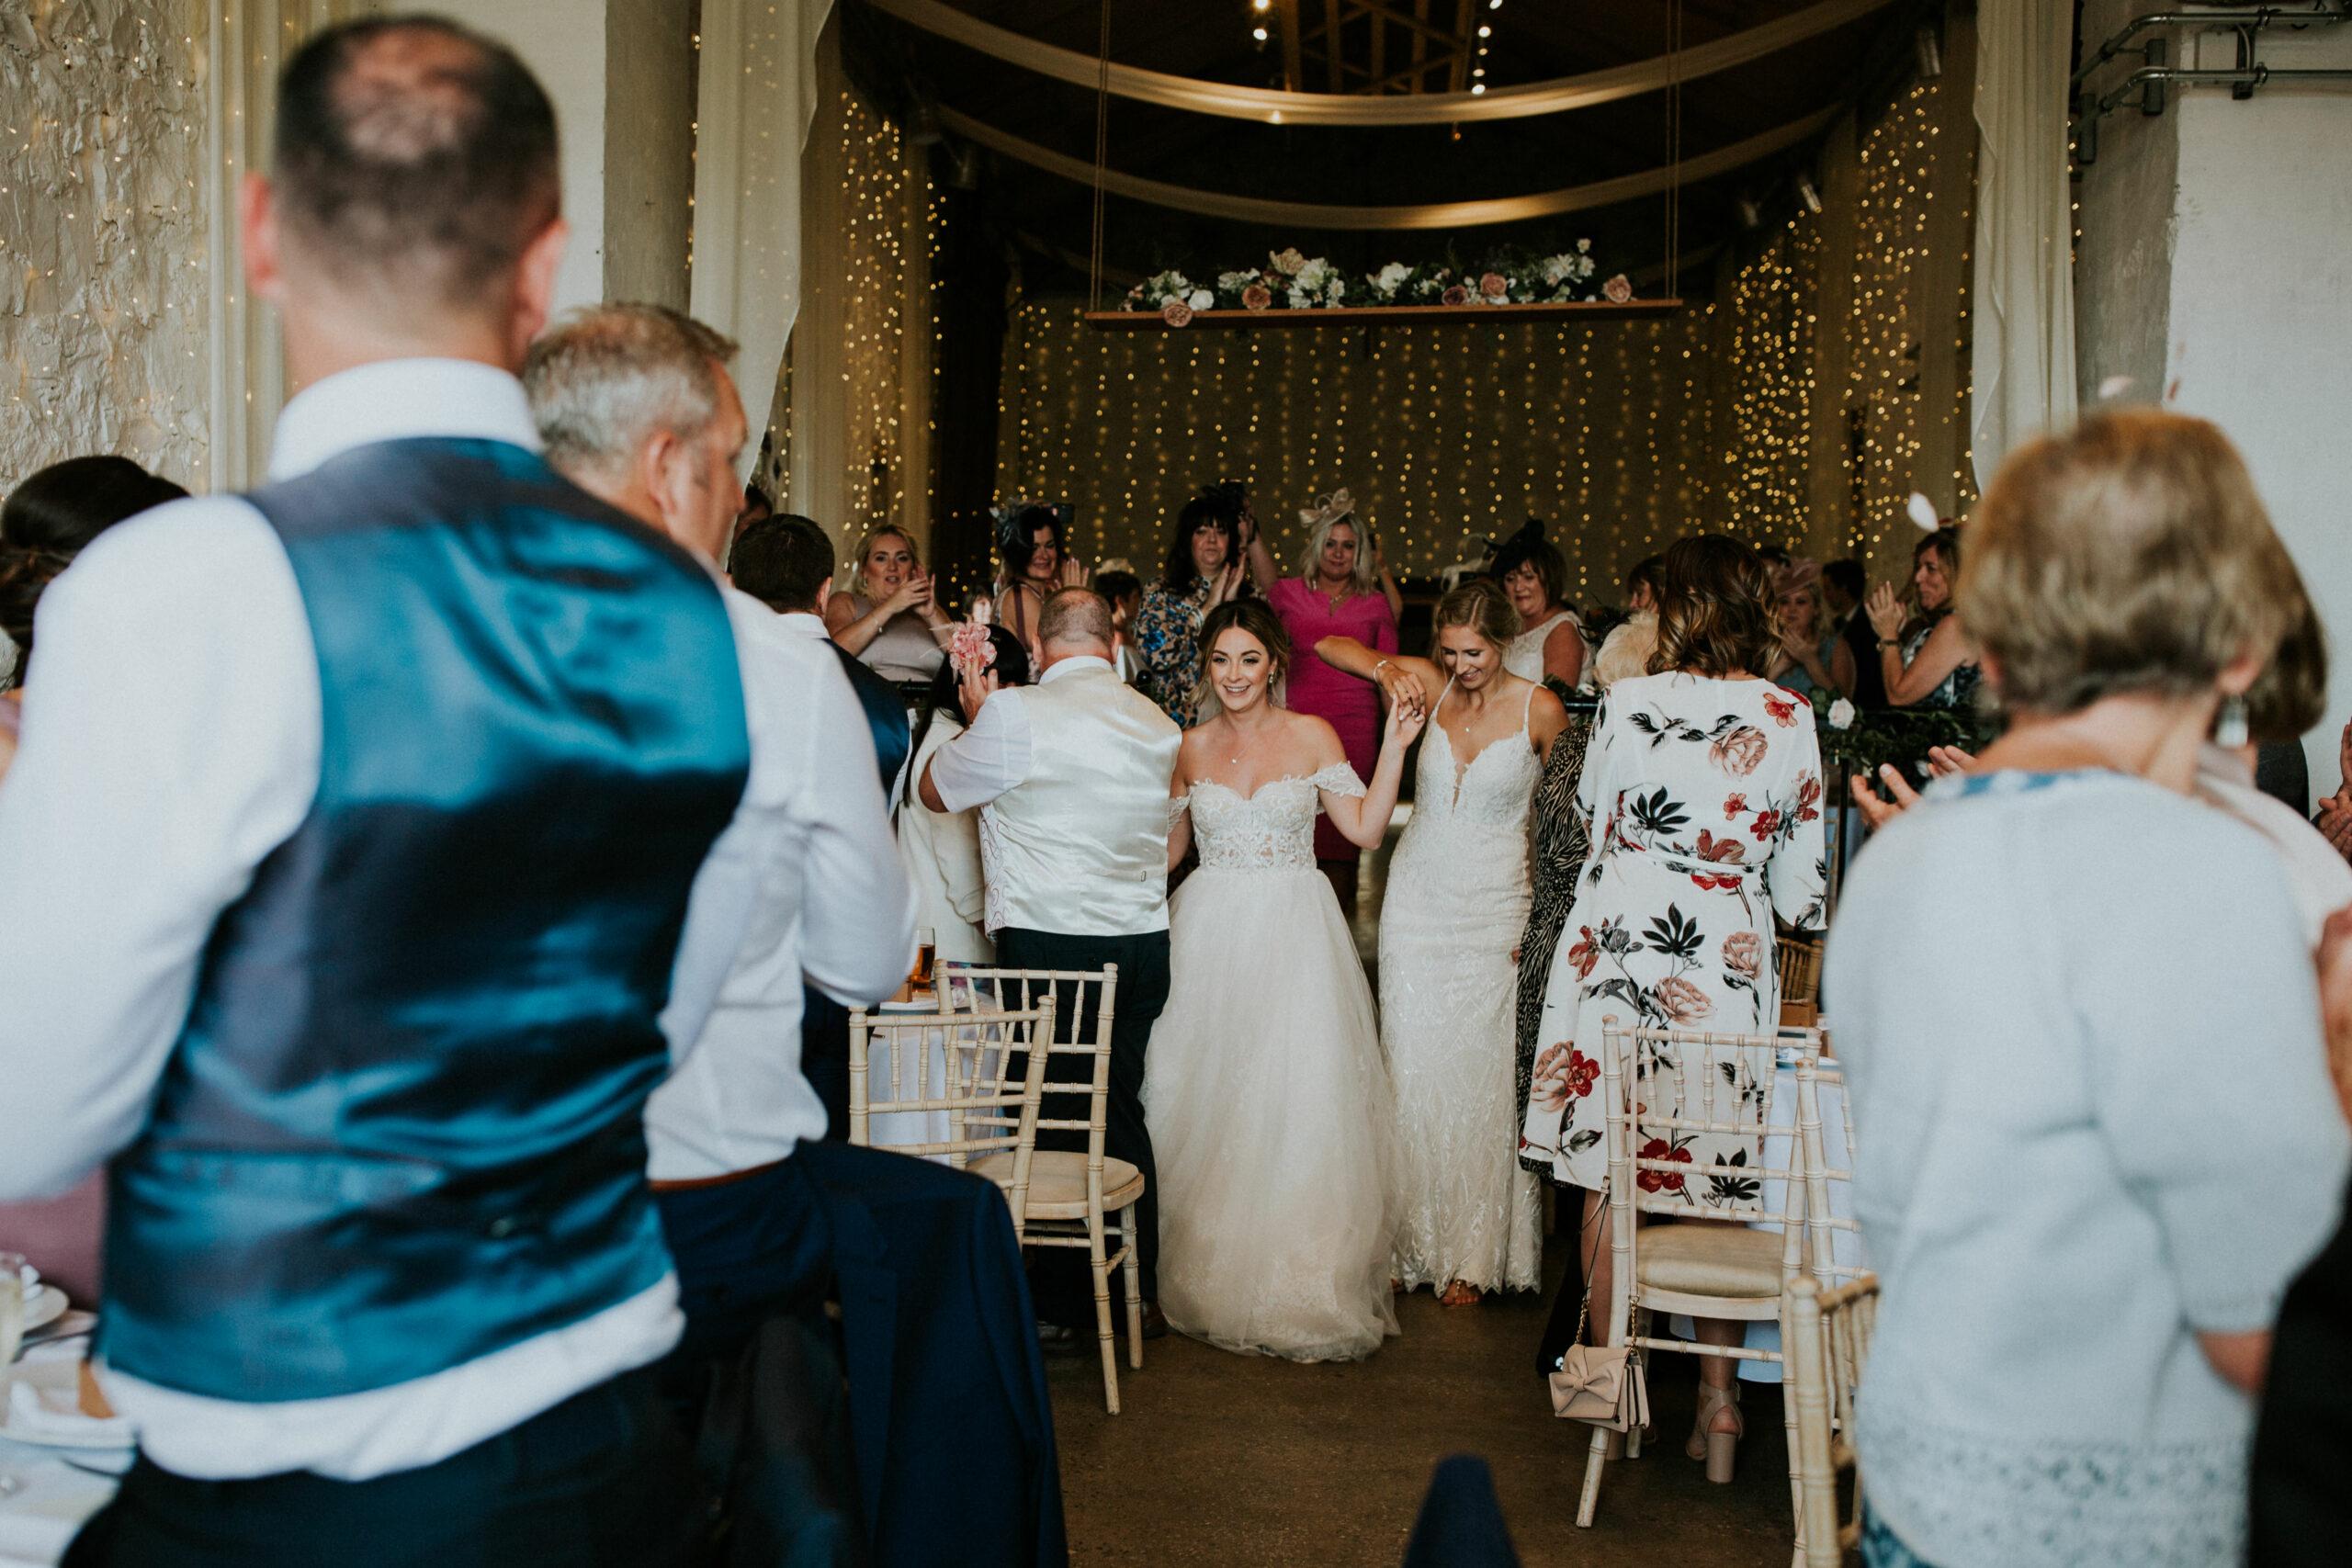 brides enter the reception